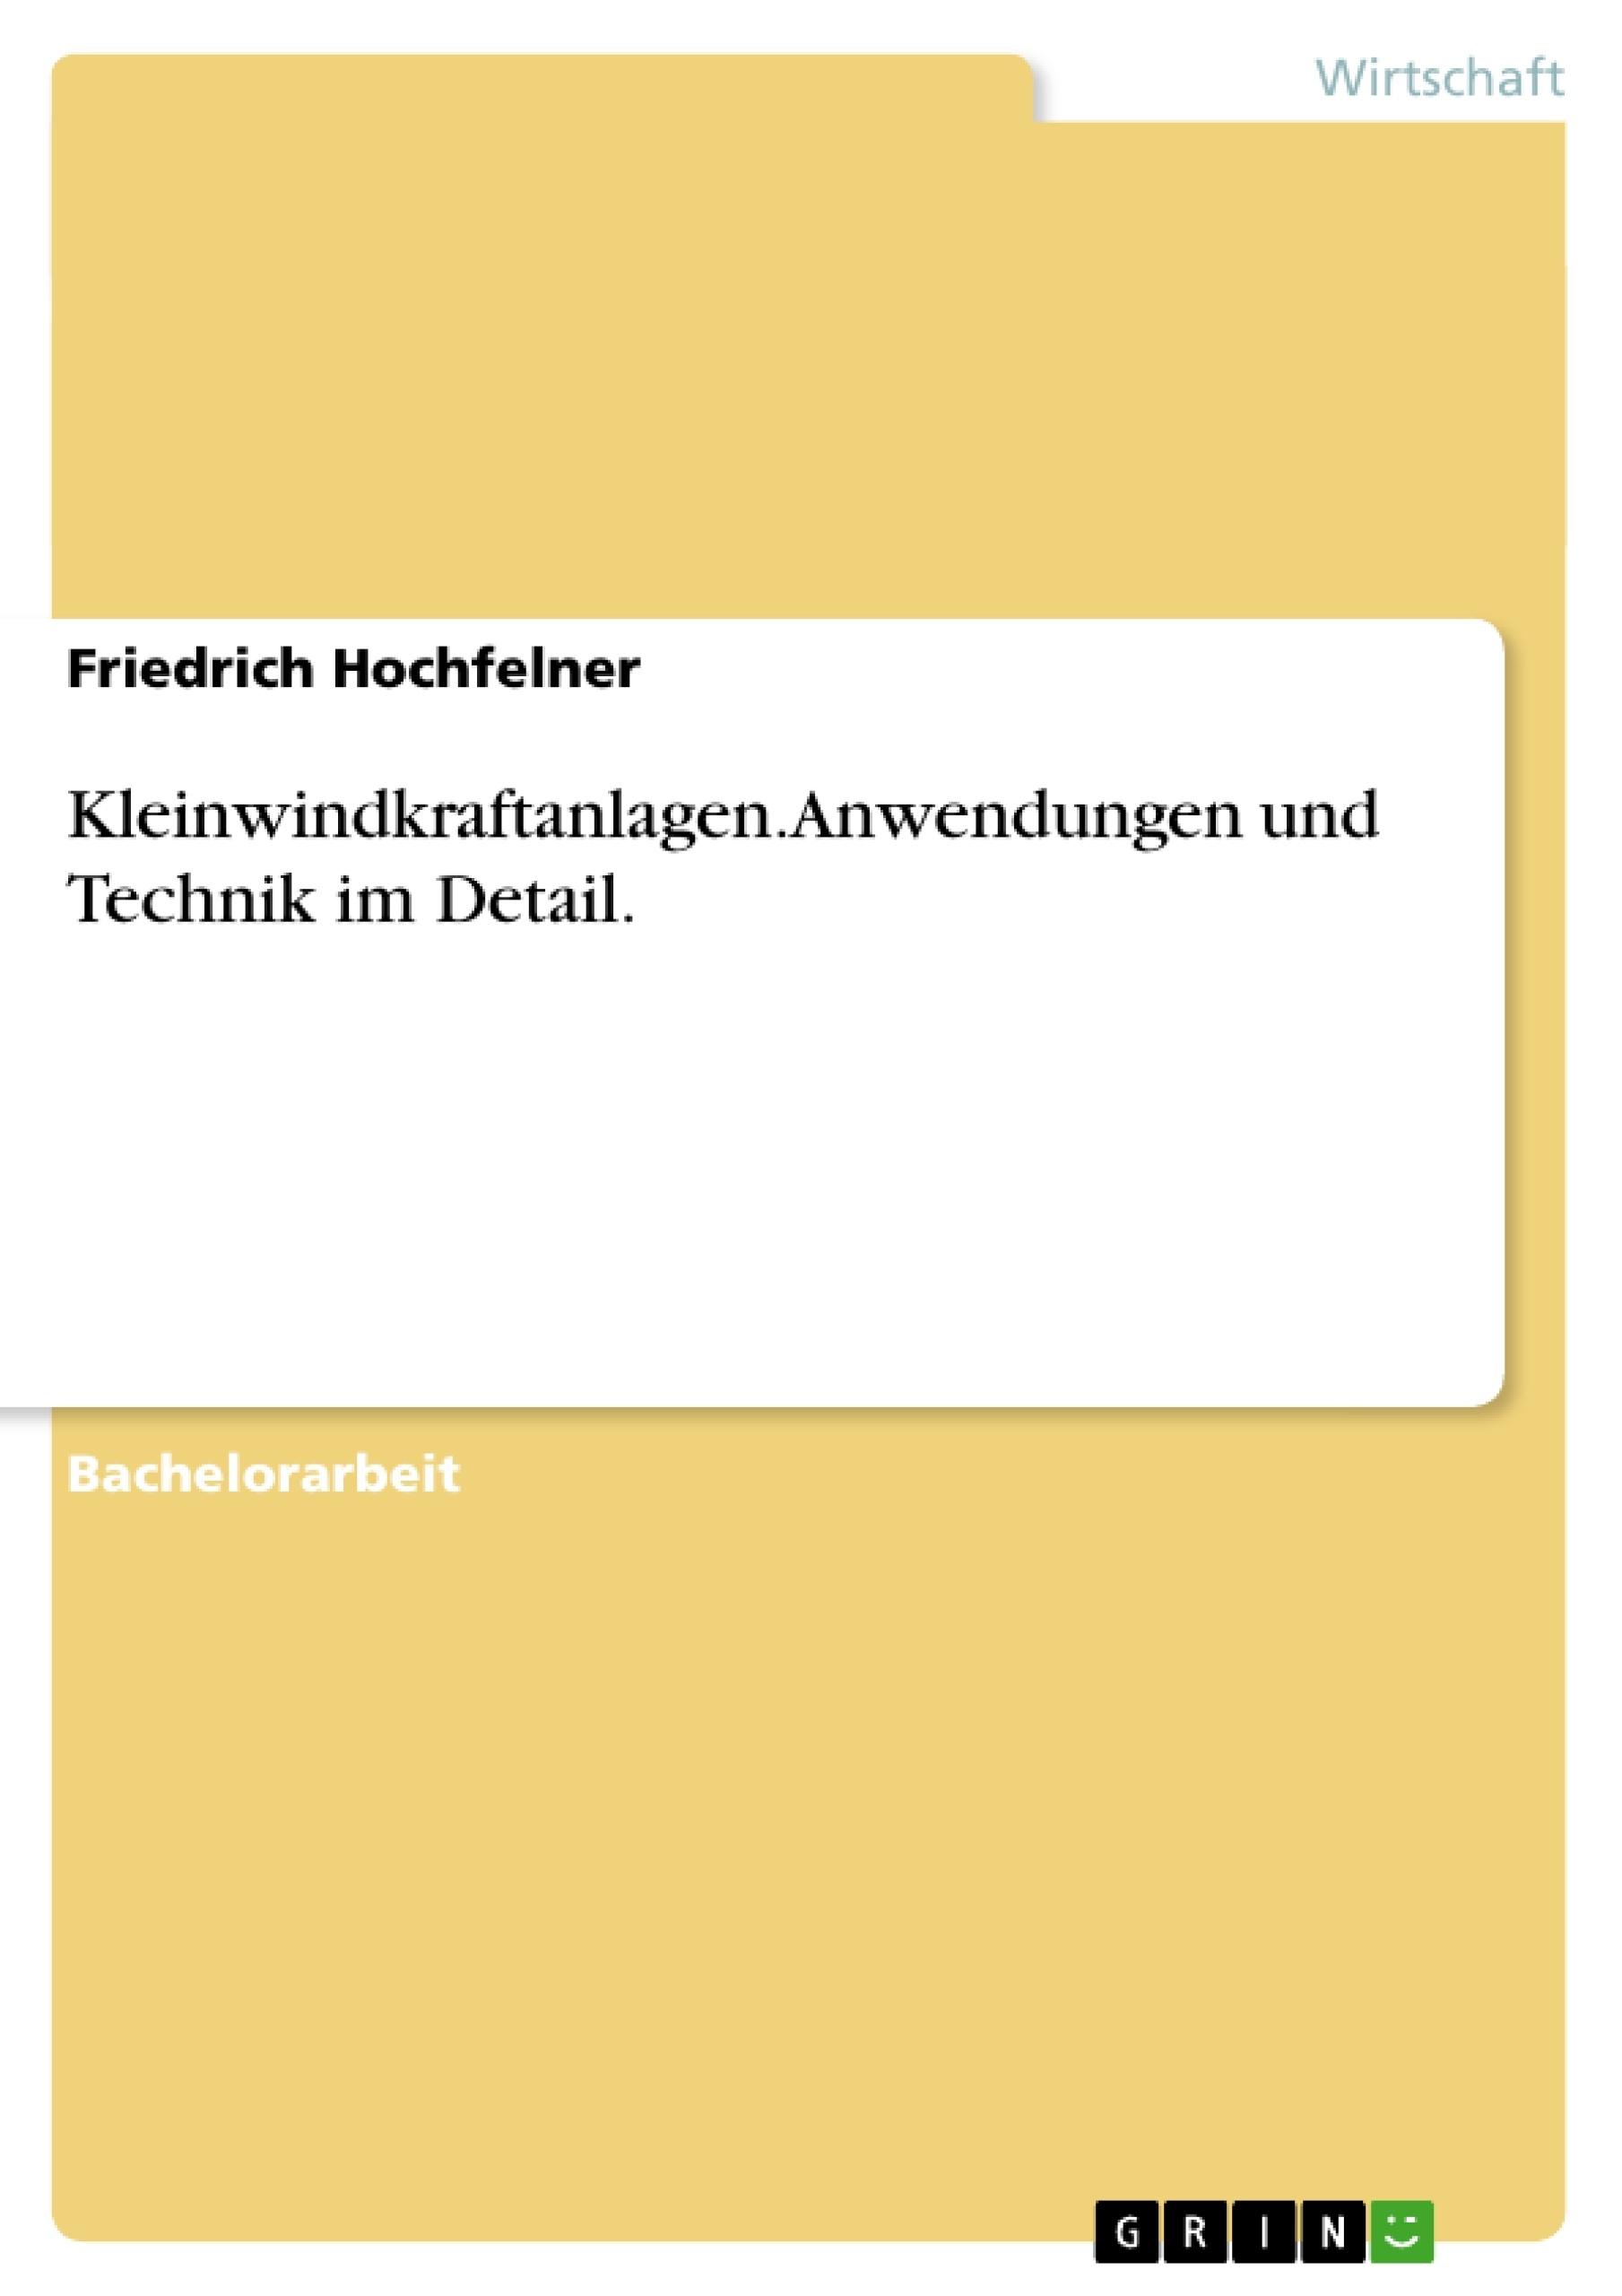 Titel: Kleinwindkraftanlagen. Anwendungen und Technik im Detail.